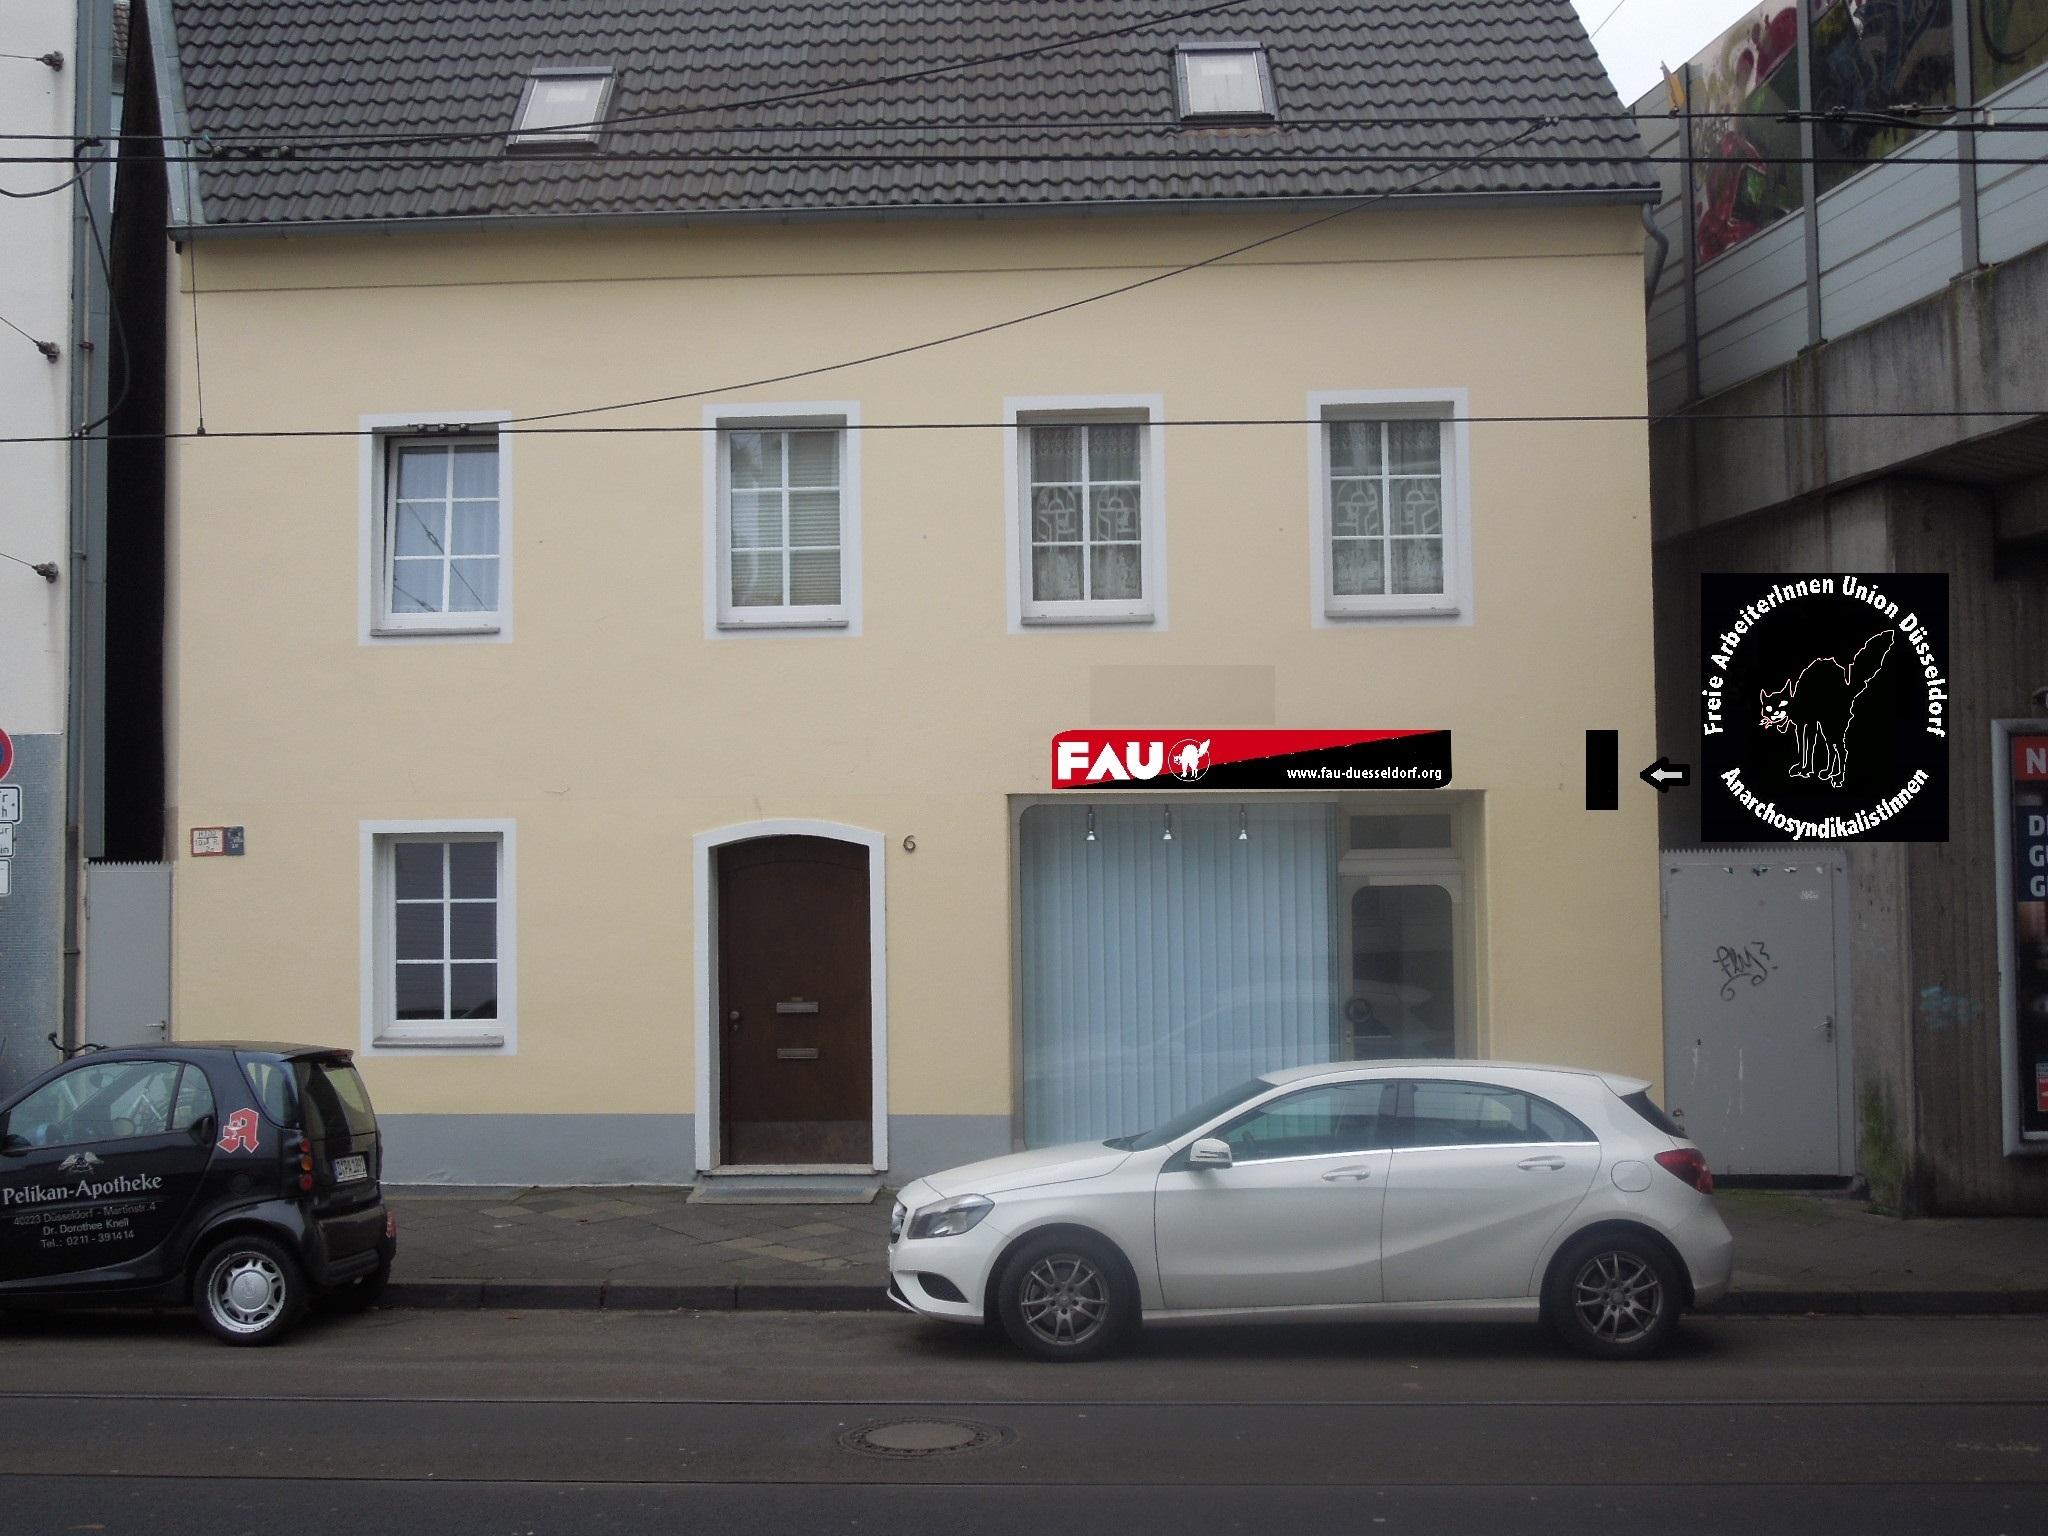 FAU-Lokal V6